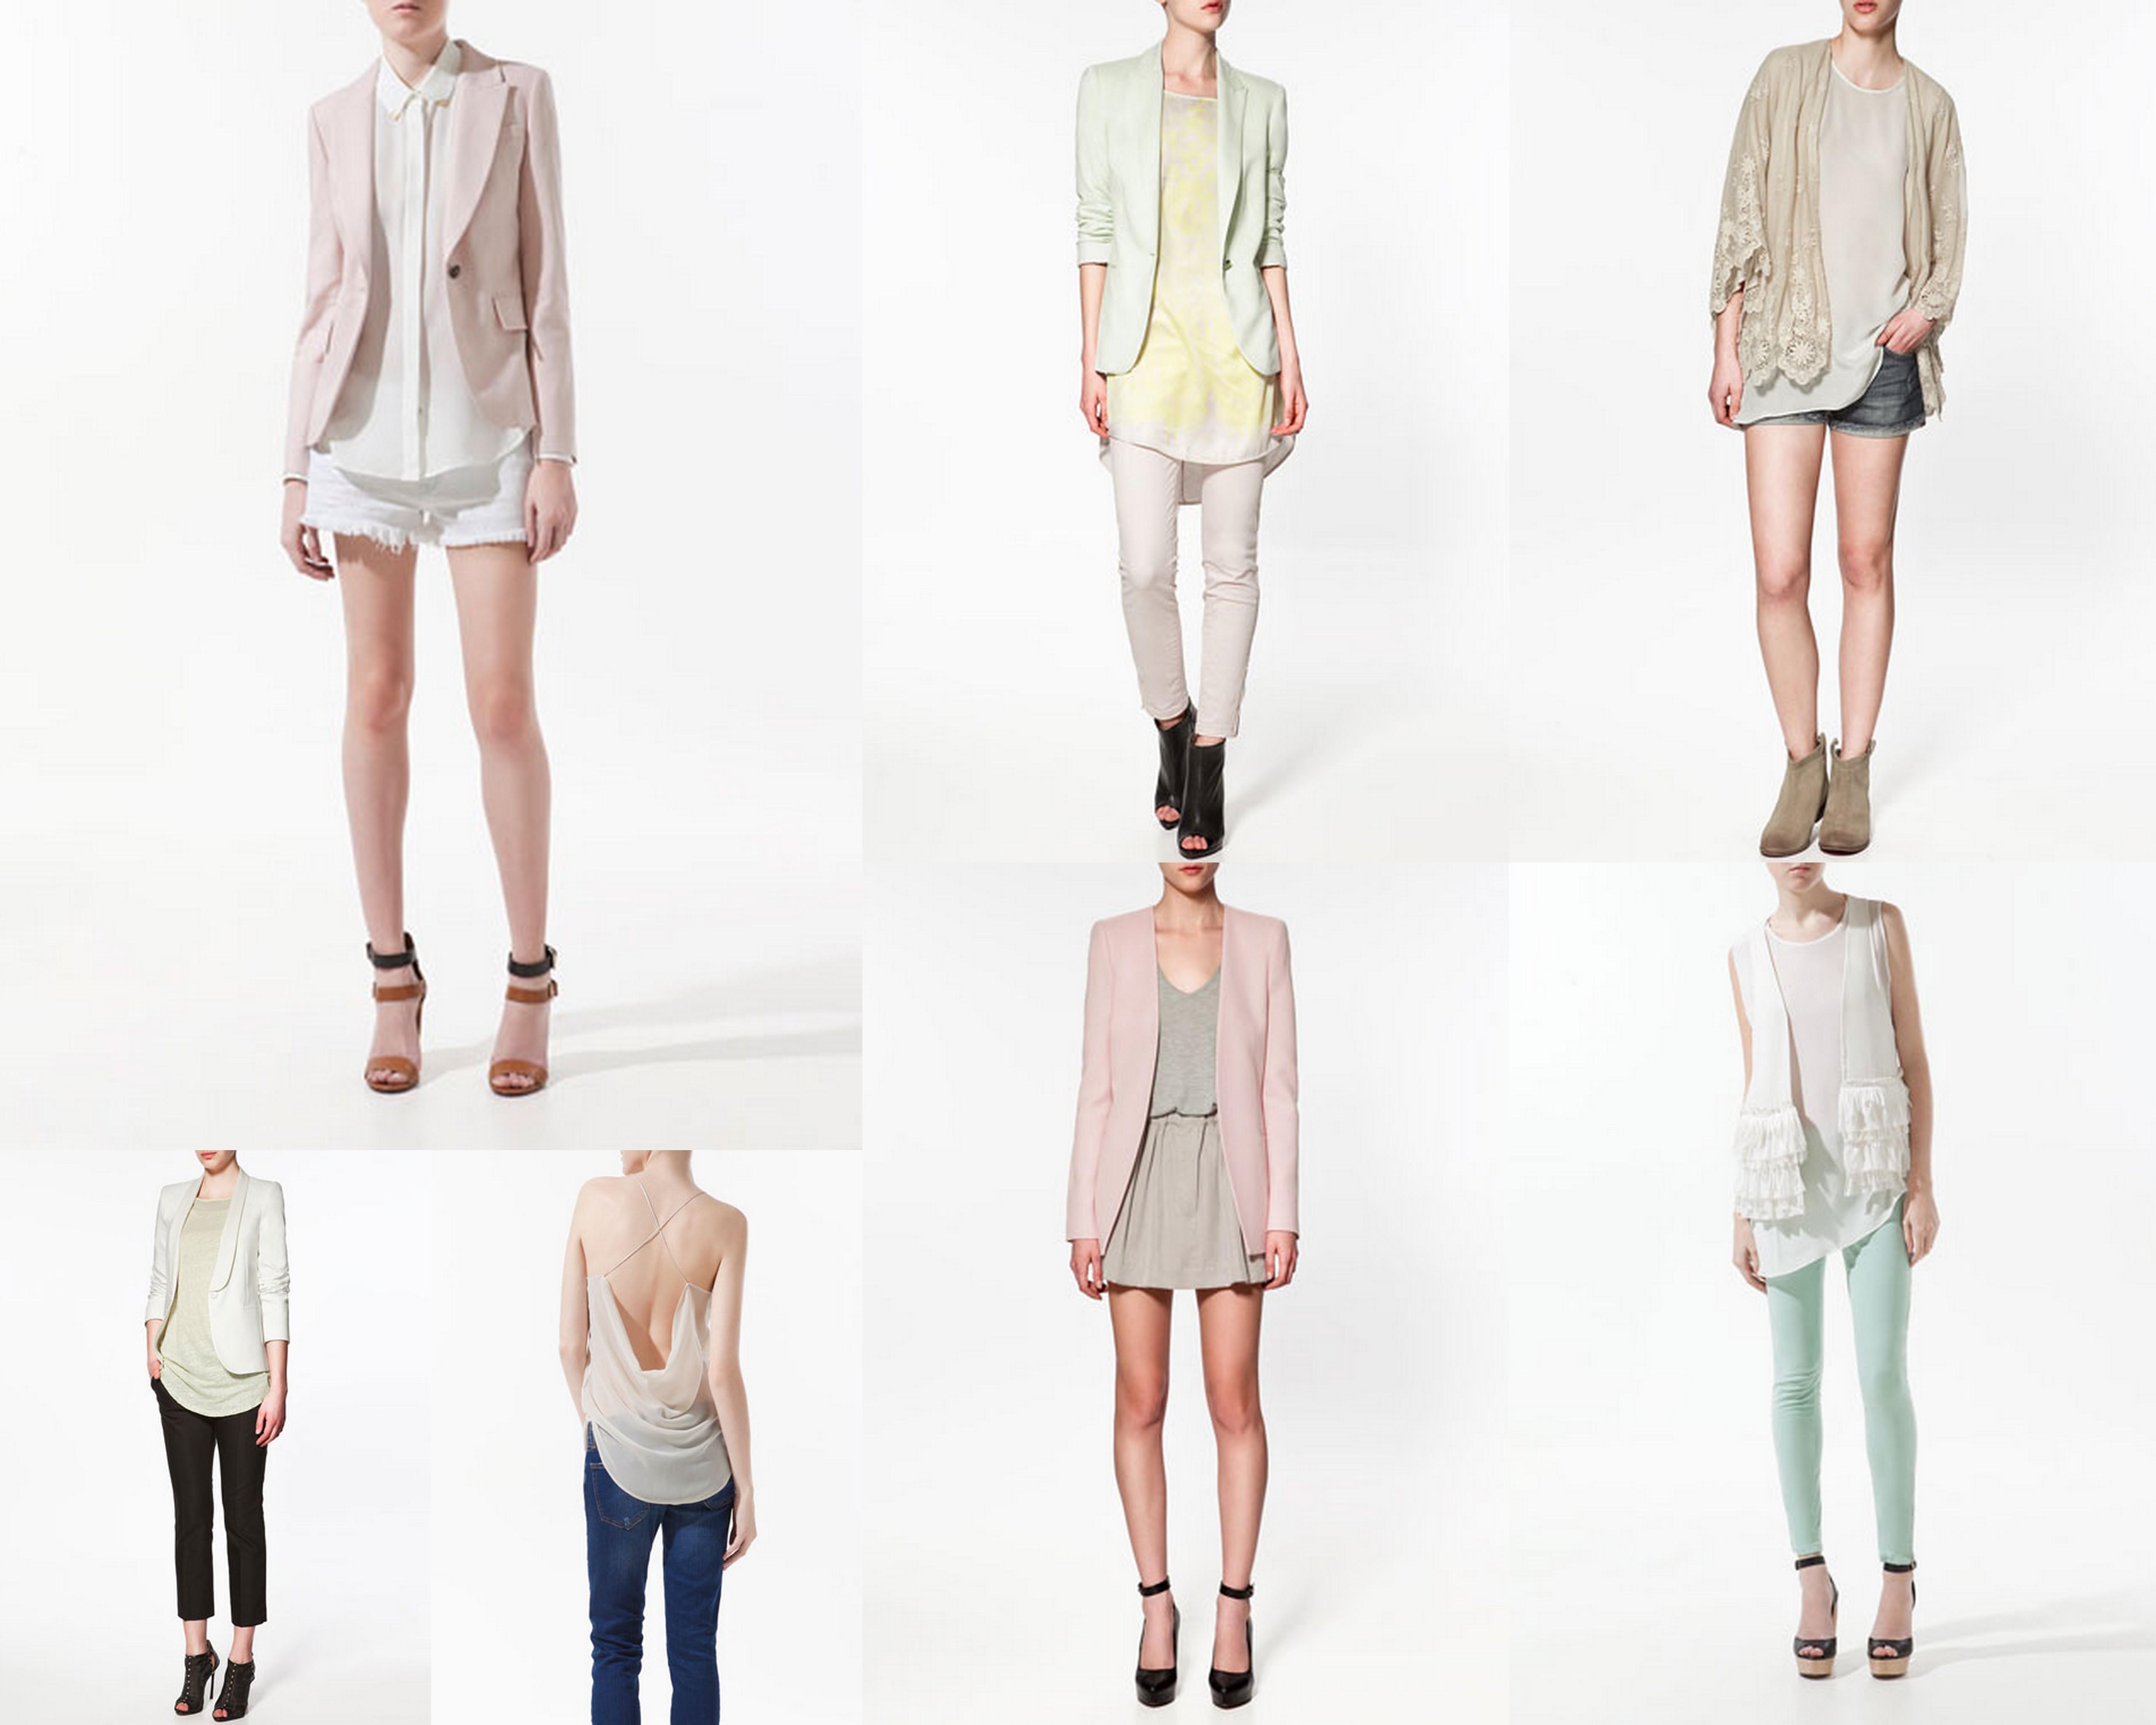 Lo ltimo en tiendas moda femenina - Lo ultimo en moda ...